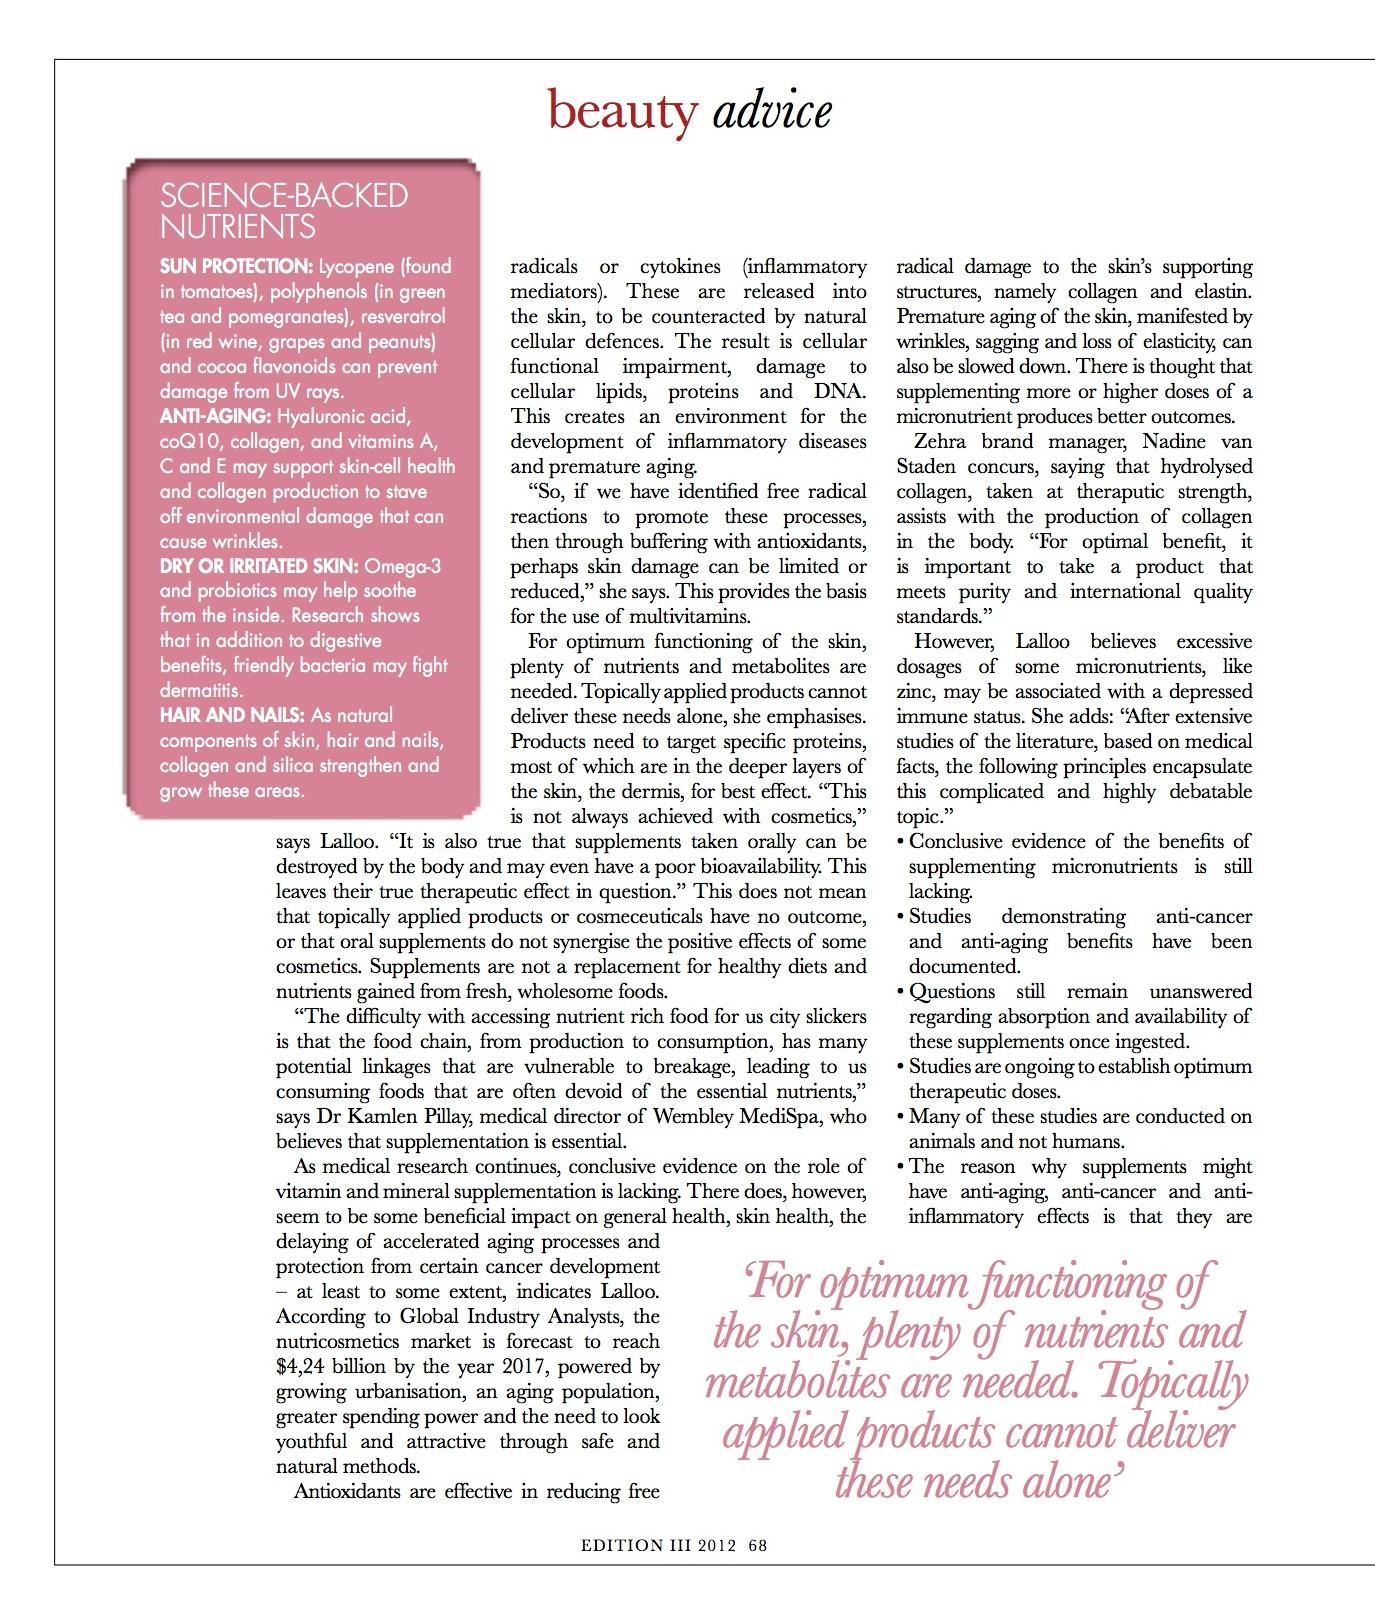 BeautyAdvice-pg-31